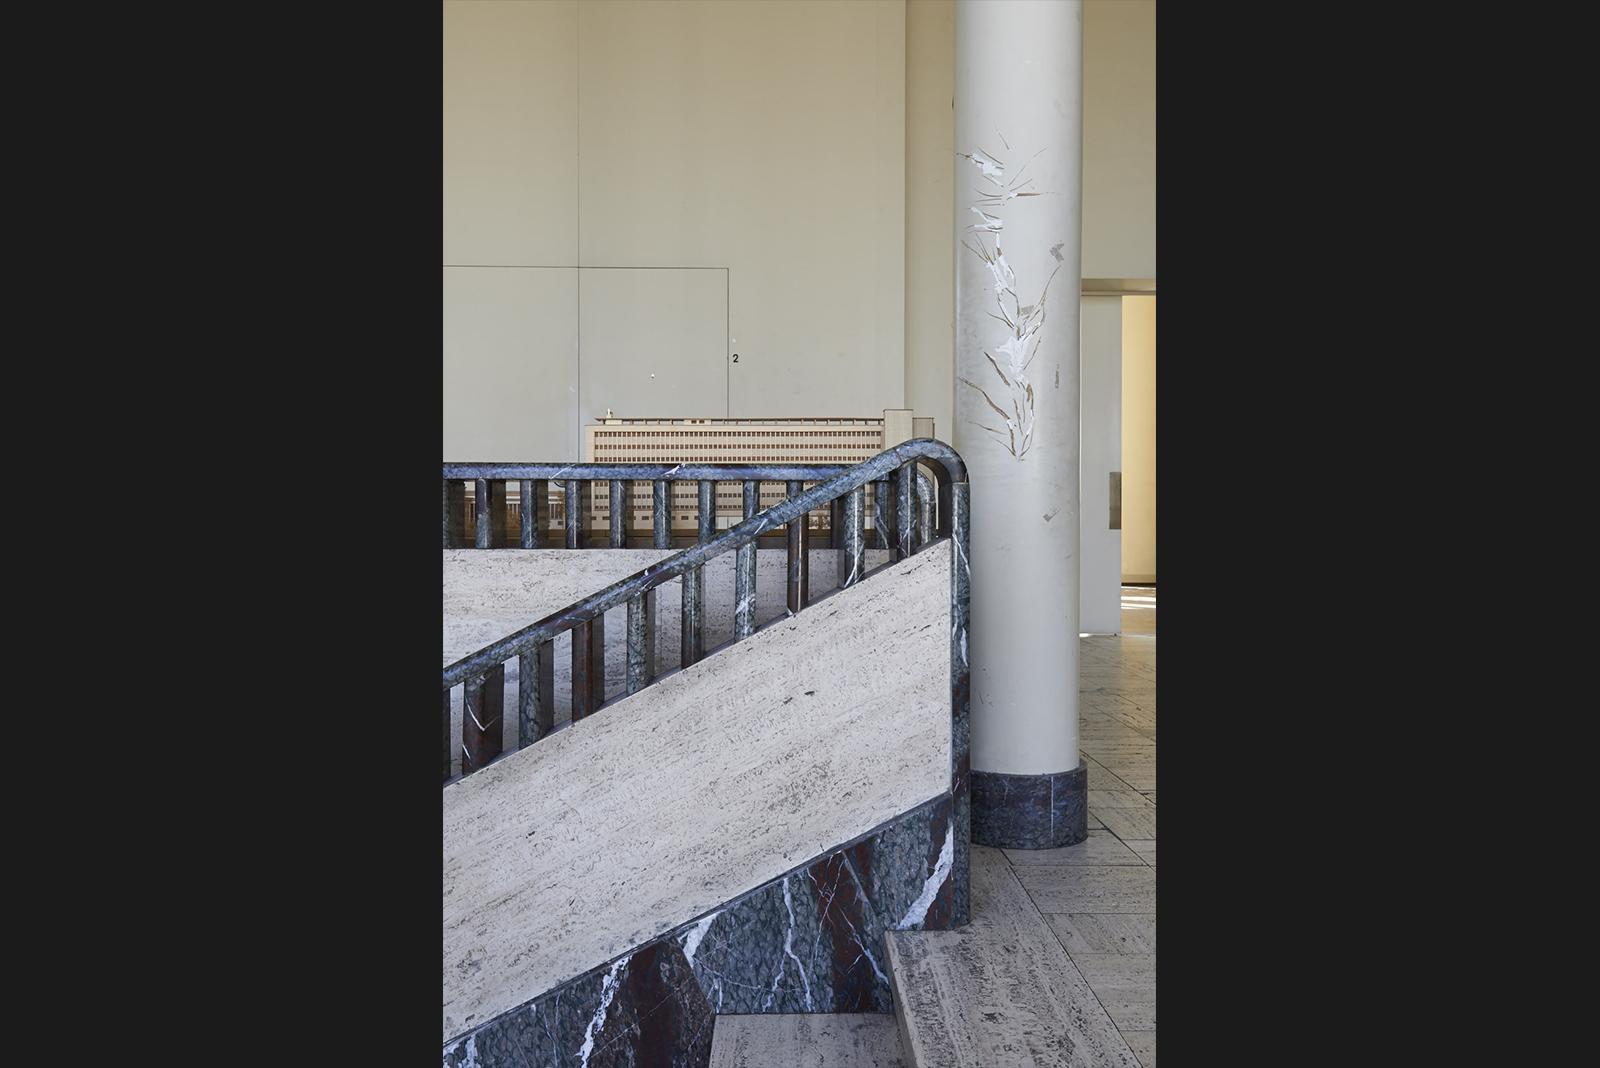 Treppen-Detail und Gebäudemodell in der »Hall d'honneur« © Marco Kany